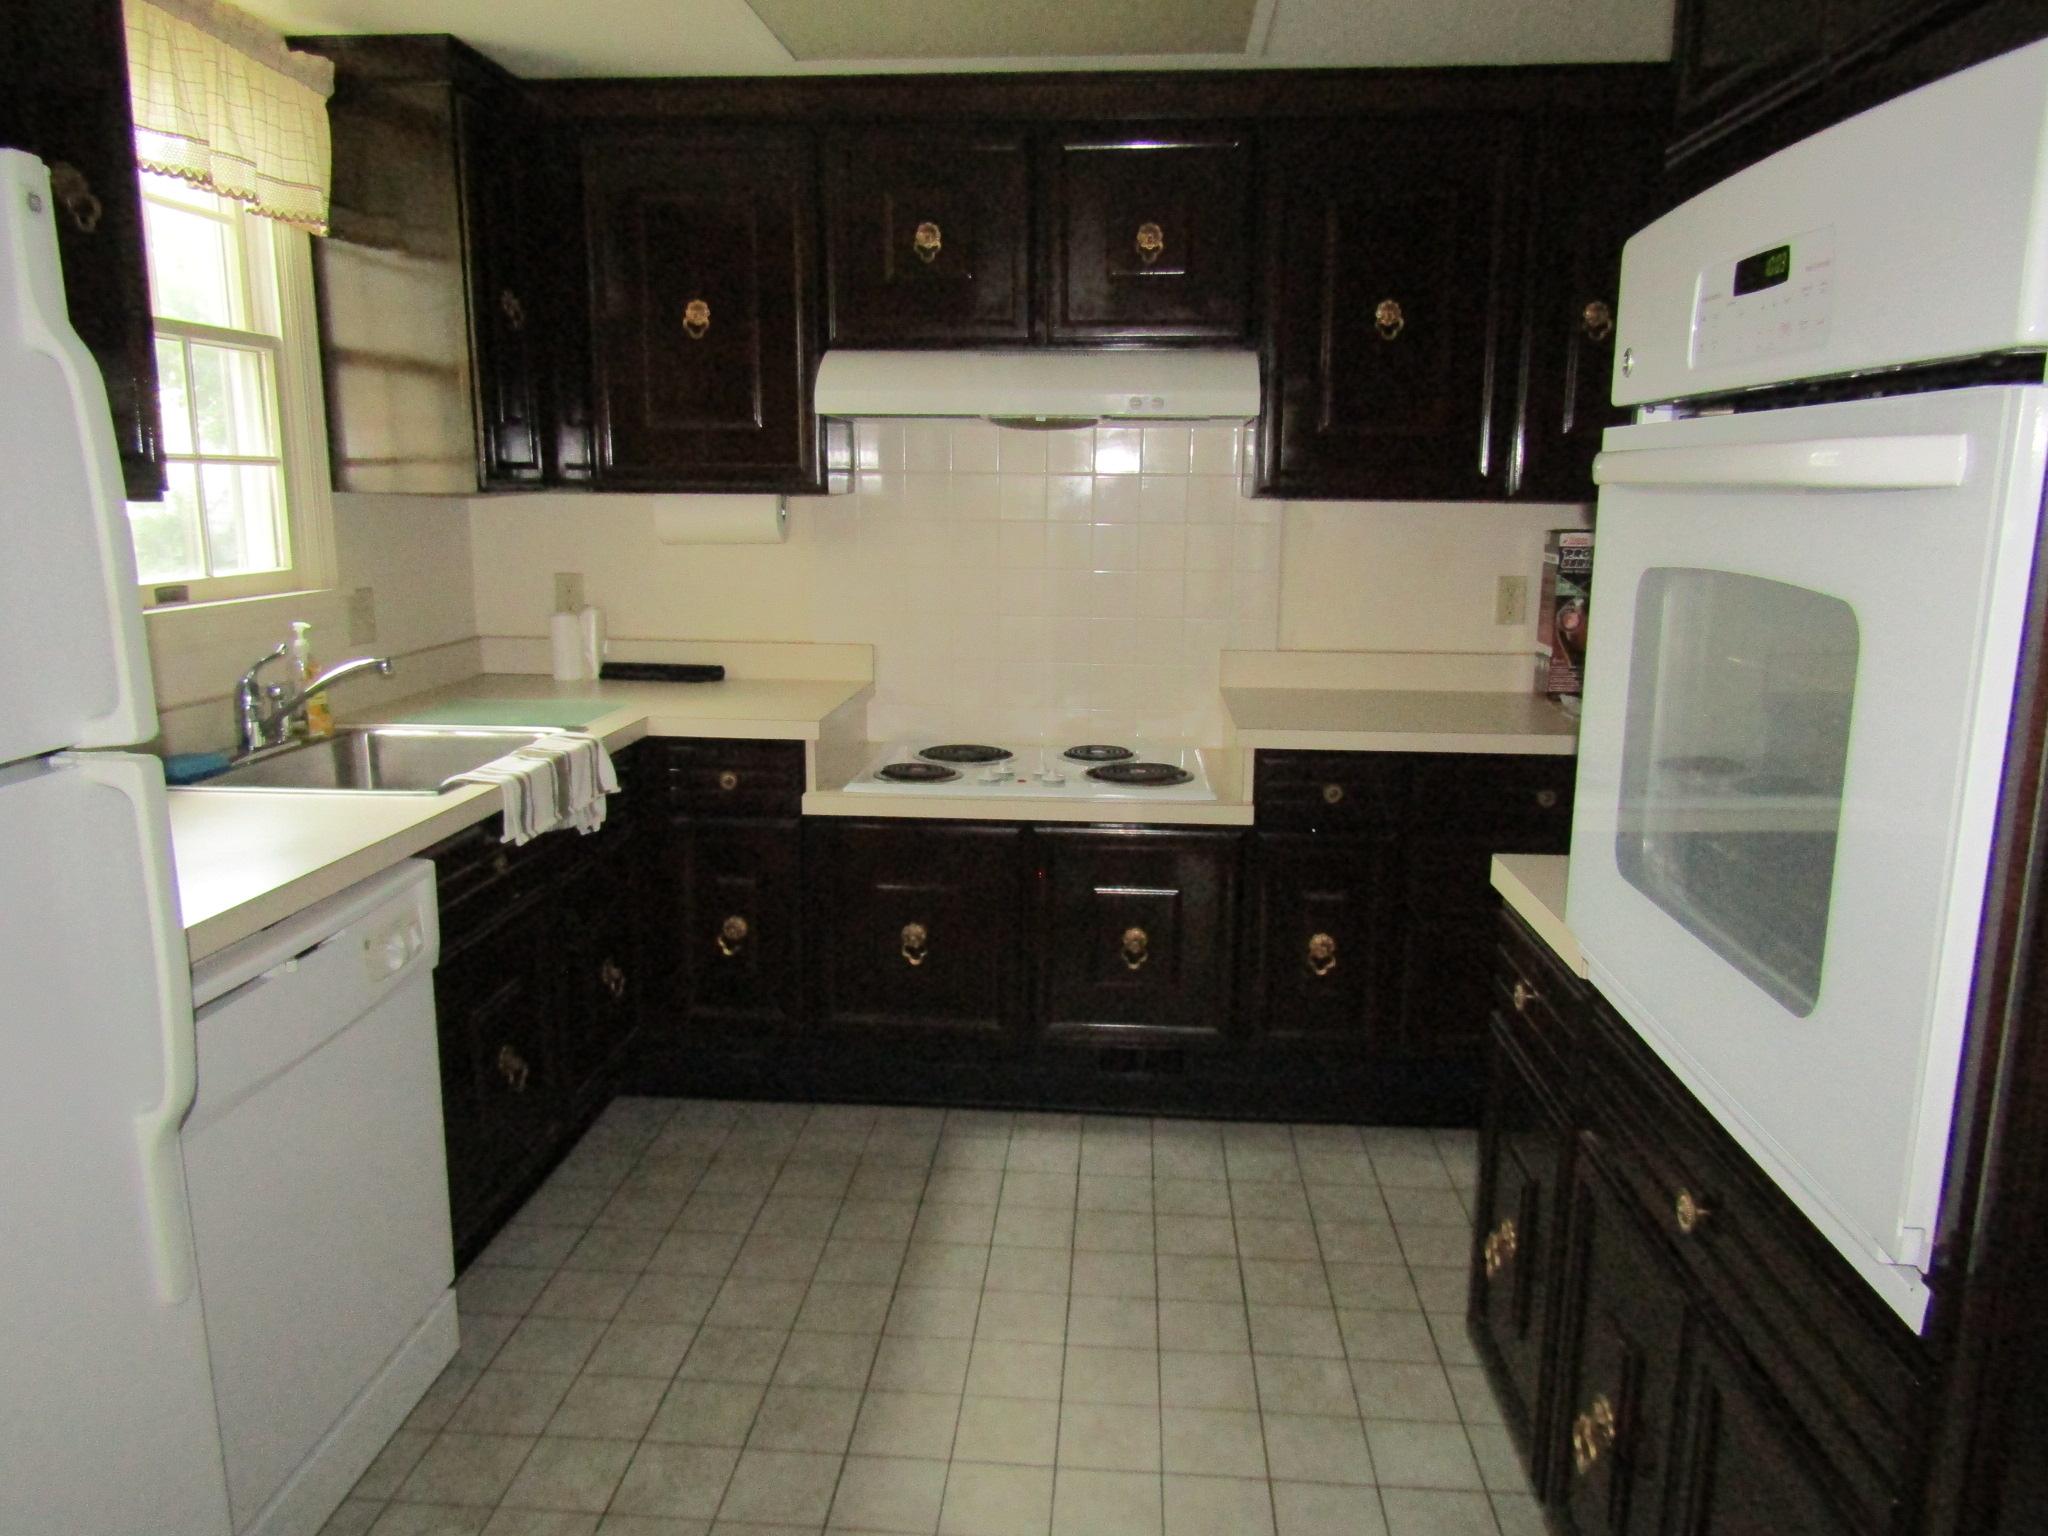 122-B Kitchen 2 - Copy